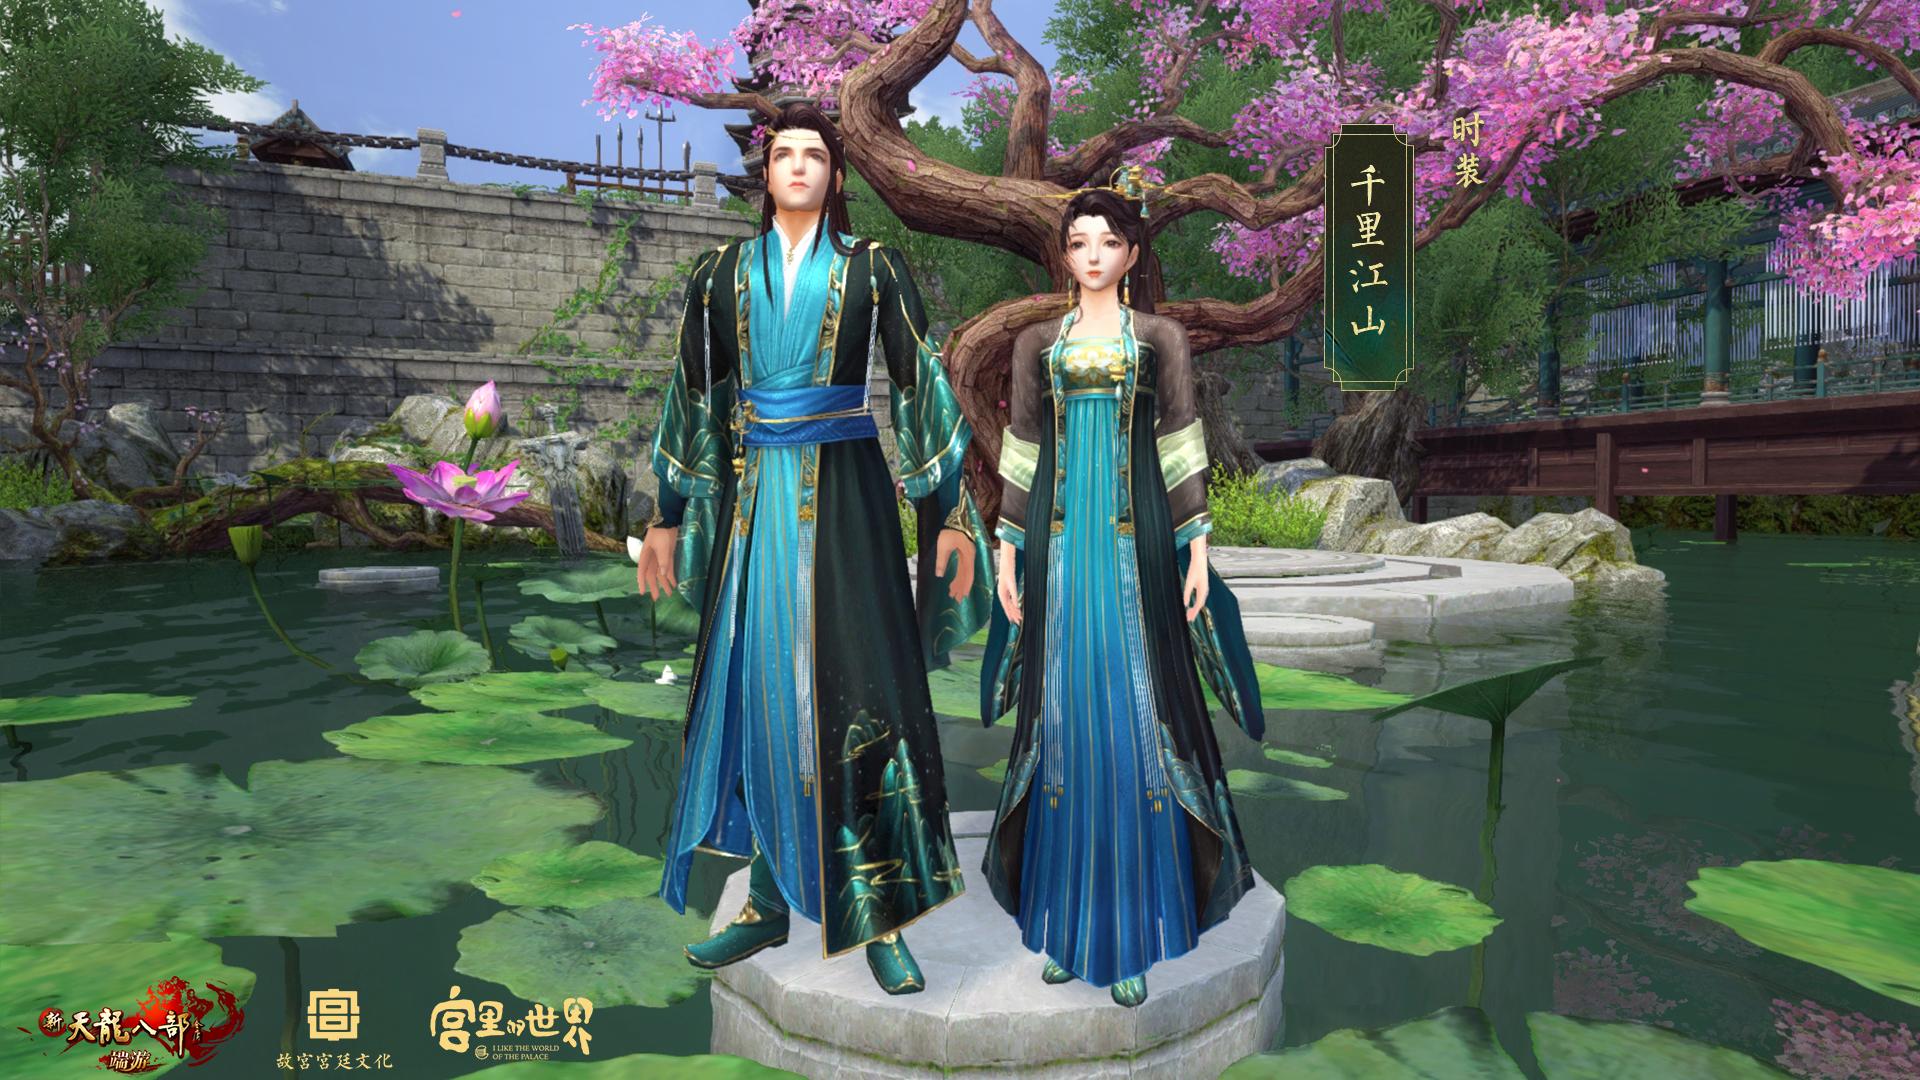 图1:时装:千里江山